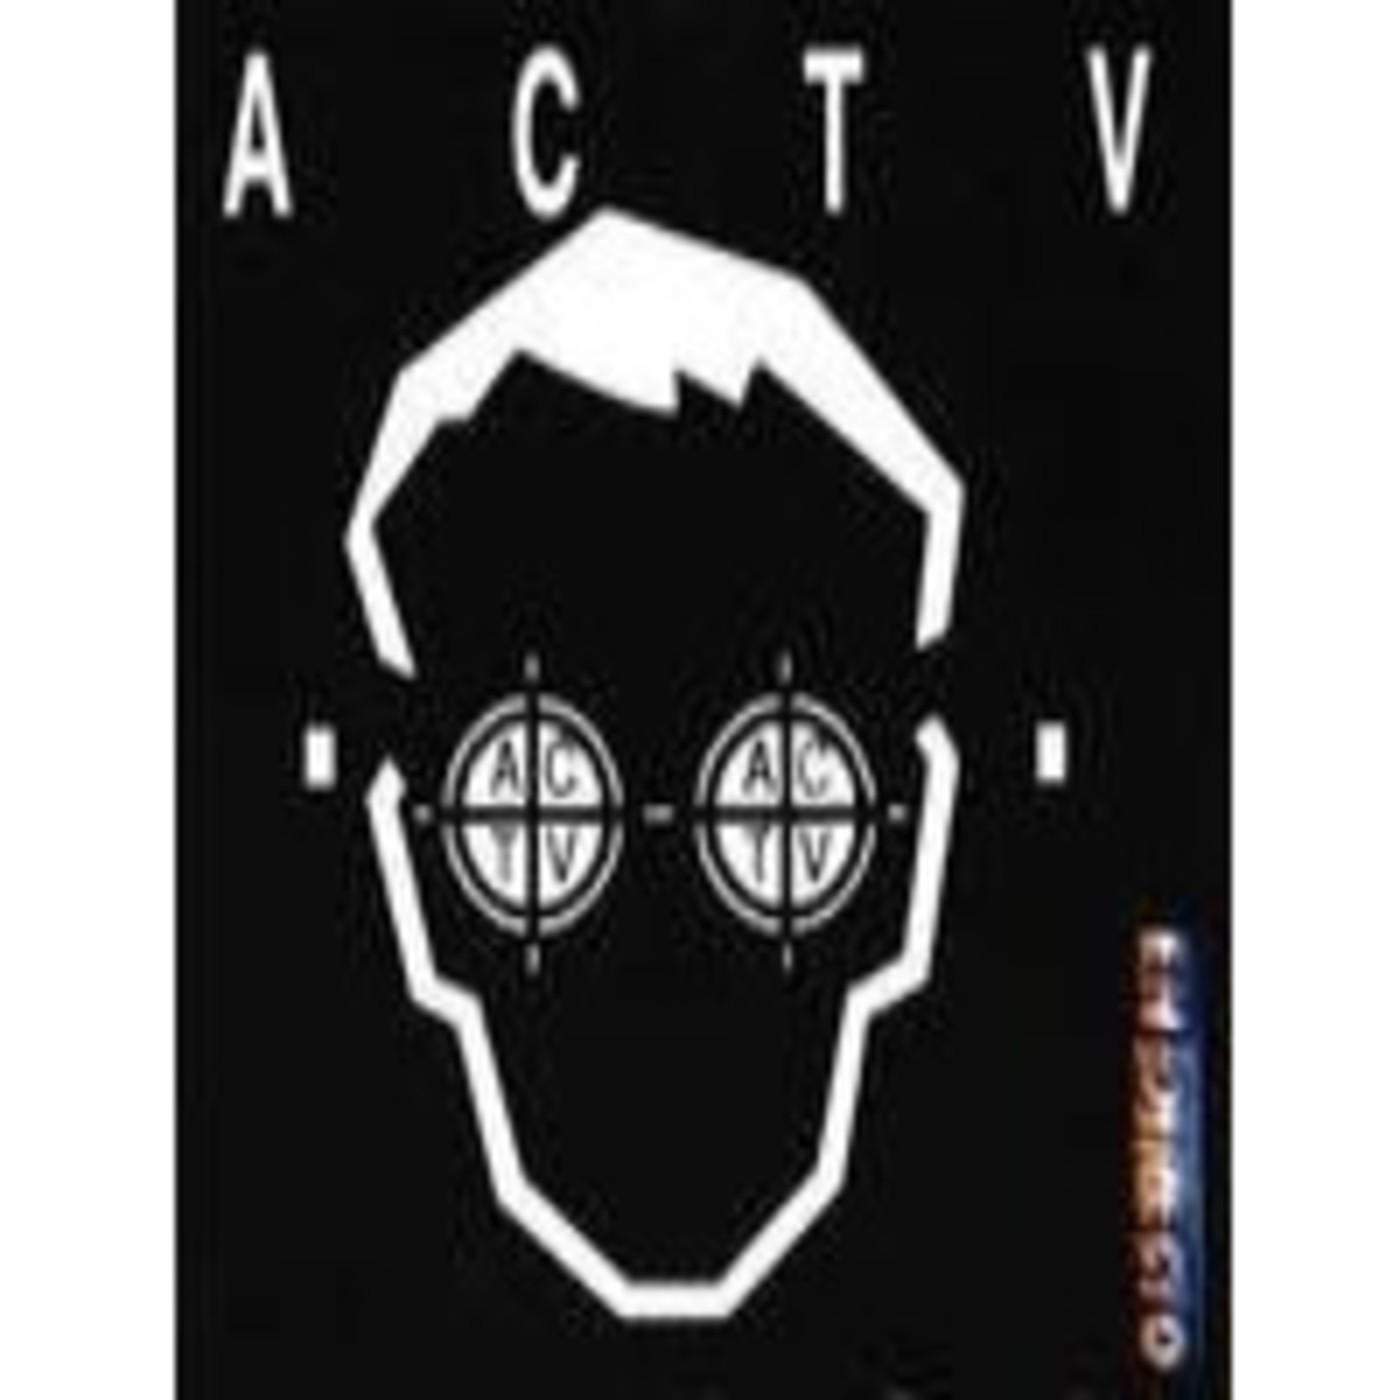 Actv 1996 En Actv Techno Club En Mp30506 A Las 172215 013020